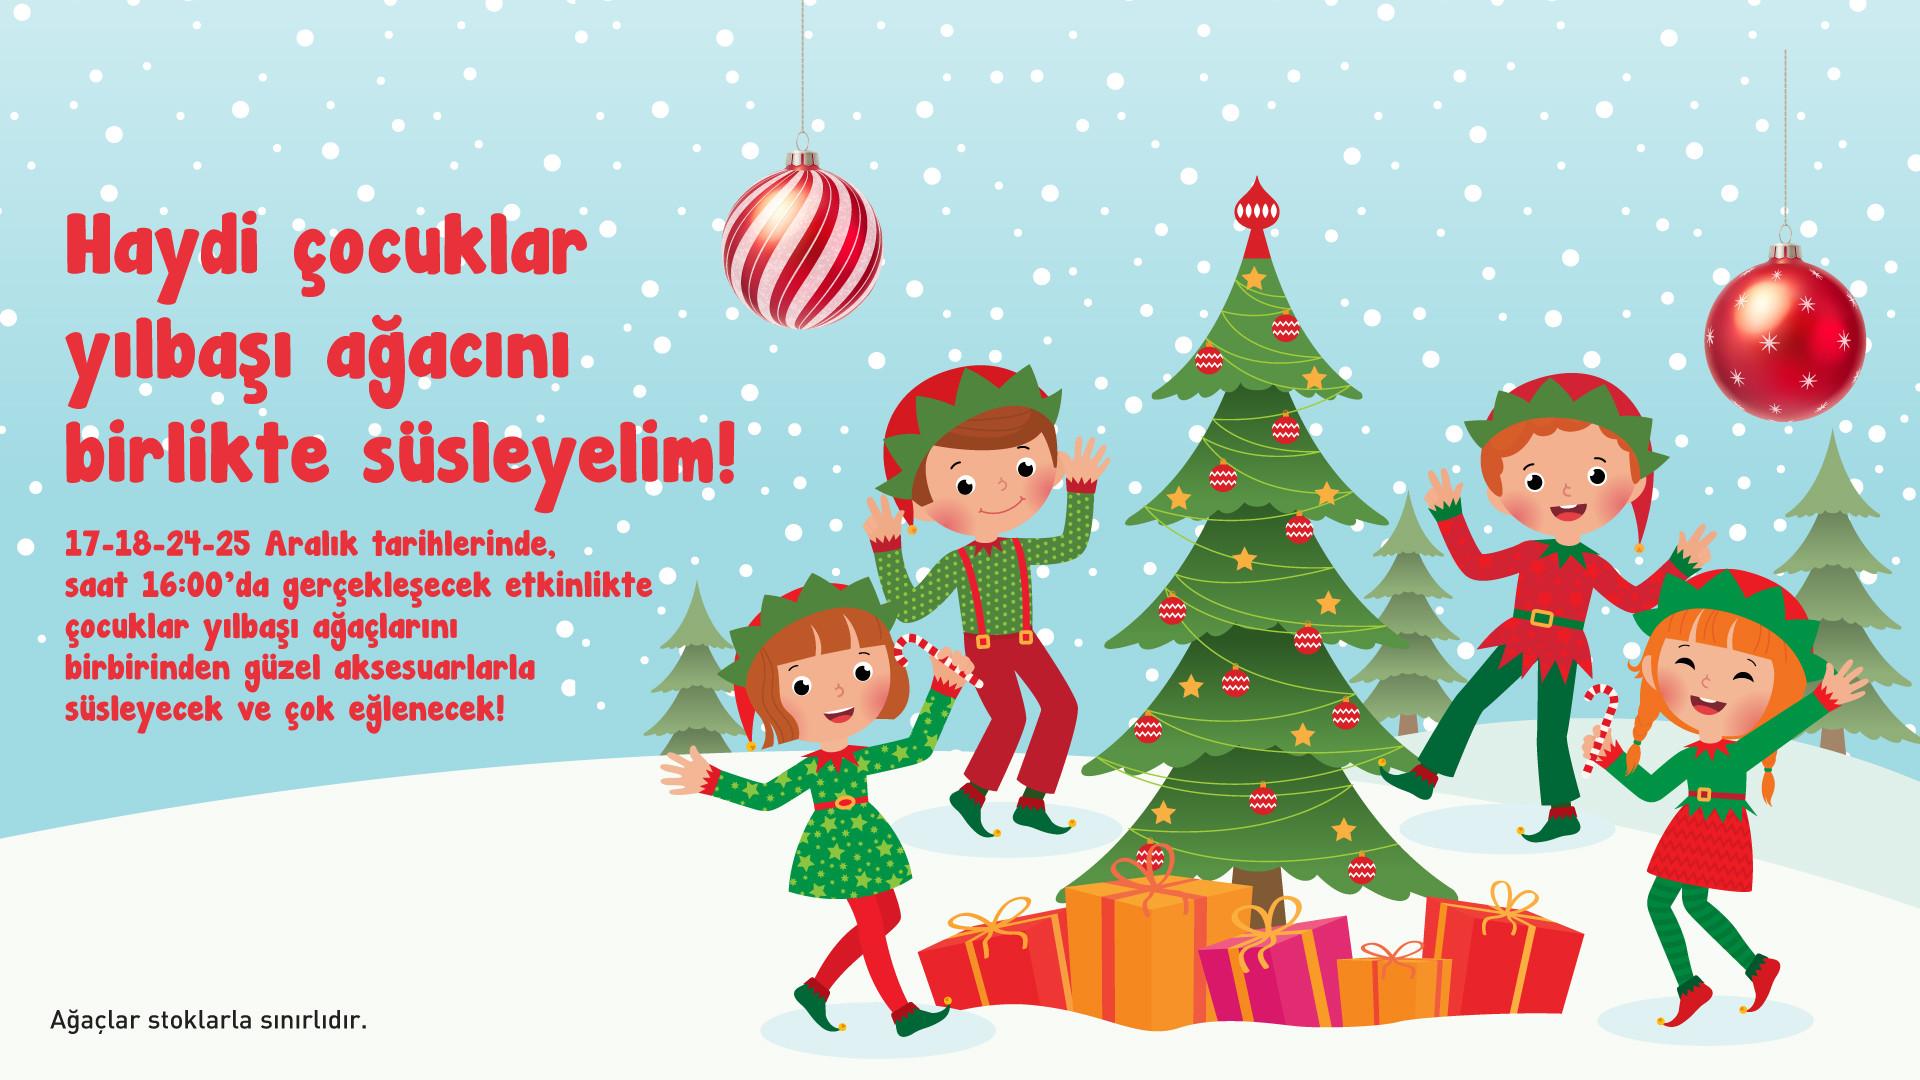 Haydi Çocuklar Yılbaşı Ağacını Birlikte Süsleyelim